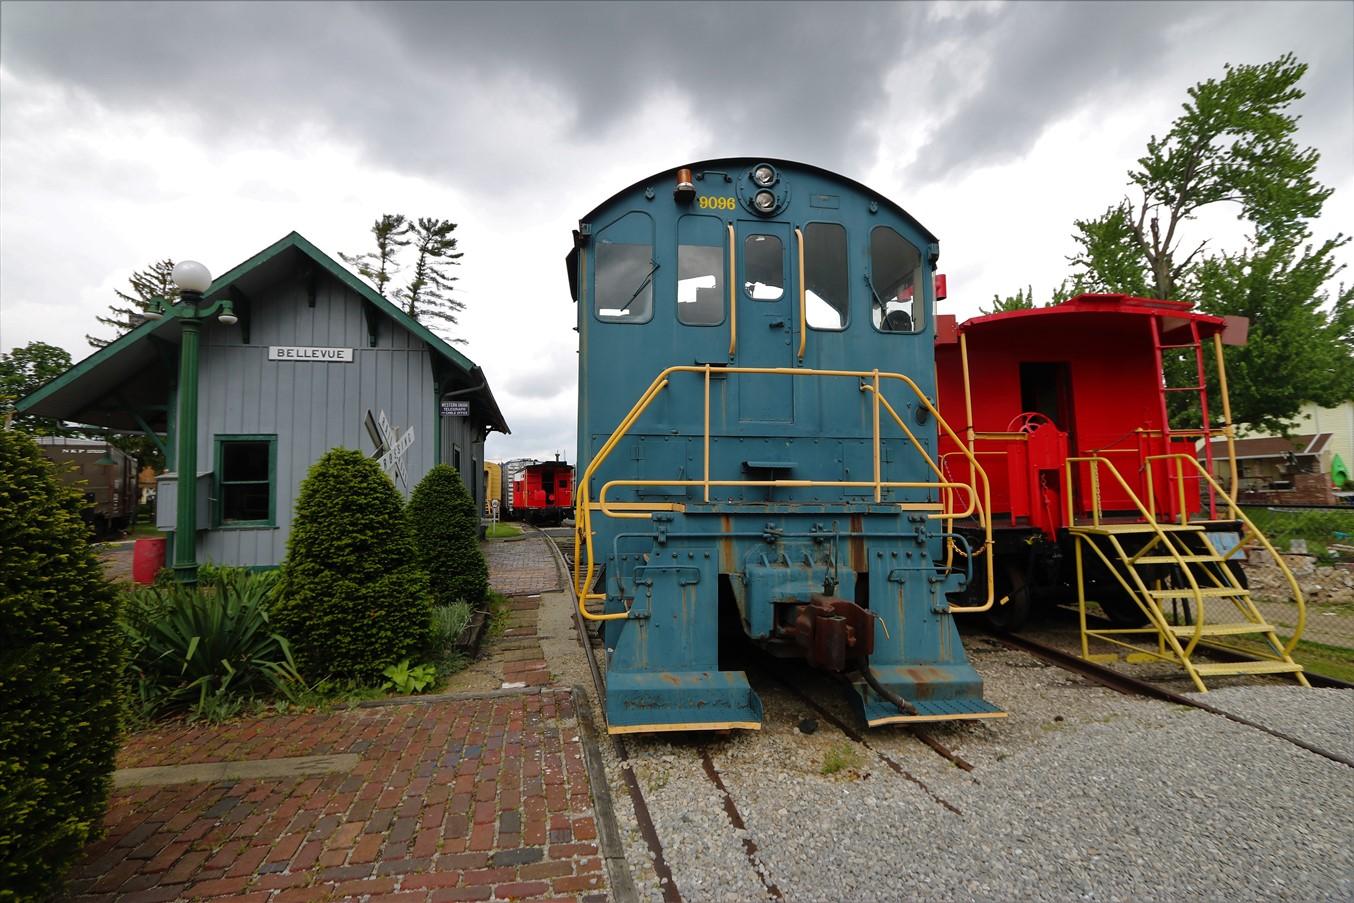 2018 05 19 115 Bellevue OH Mad River & Nickel Plate Railroad Museum.jpg